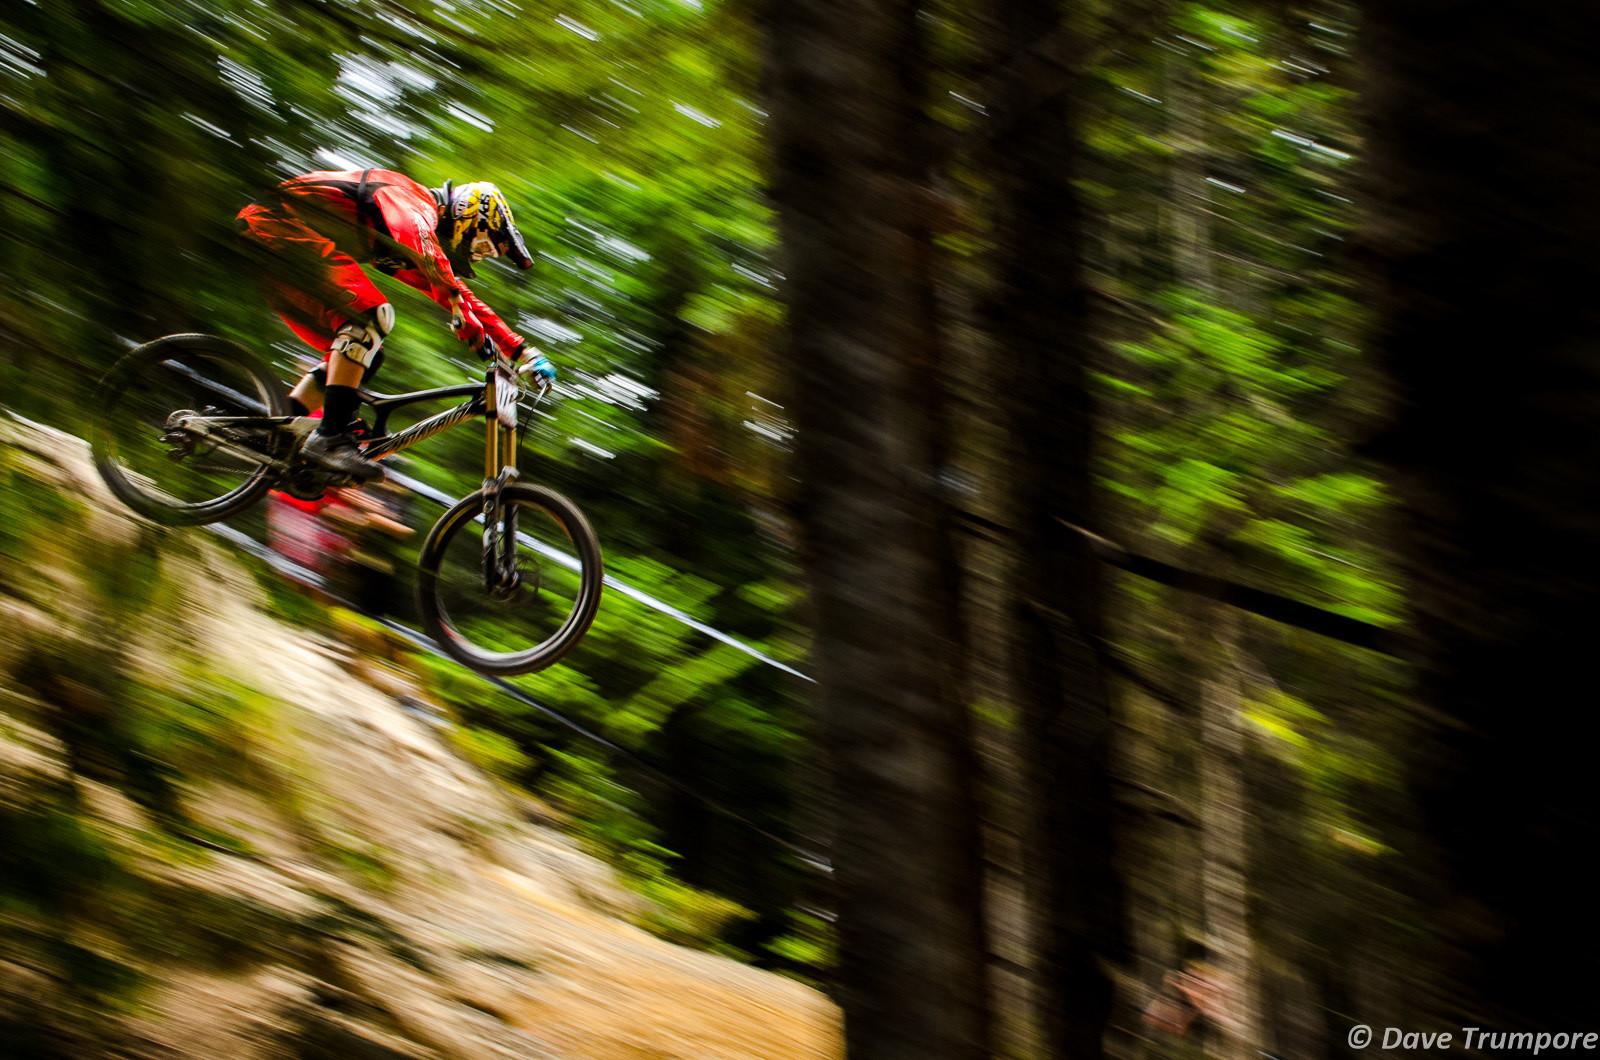 Crankworx Air DH - Crankworx Whistler Air DH - Mountain Biking Pictures - Vital MTB